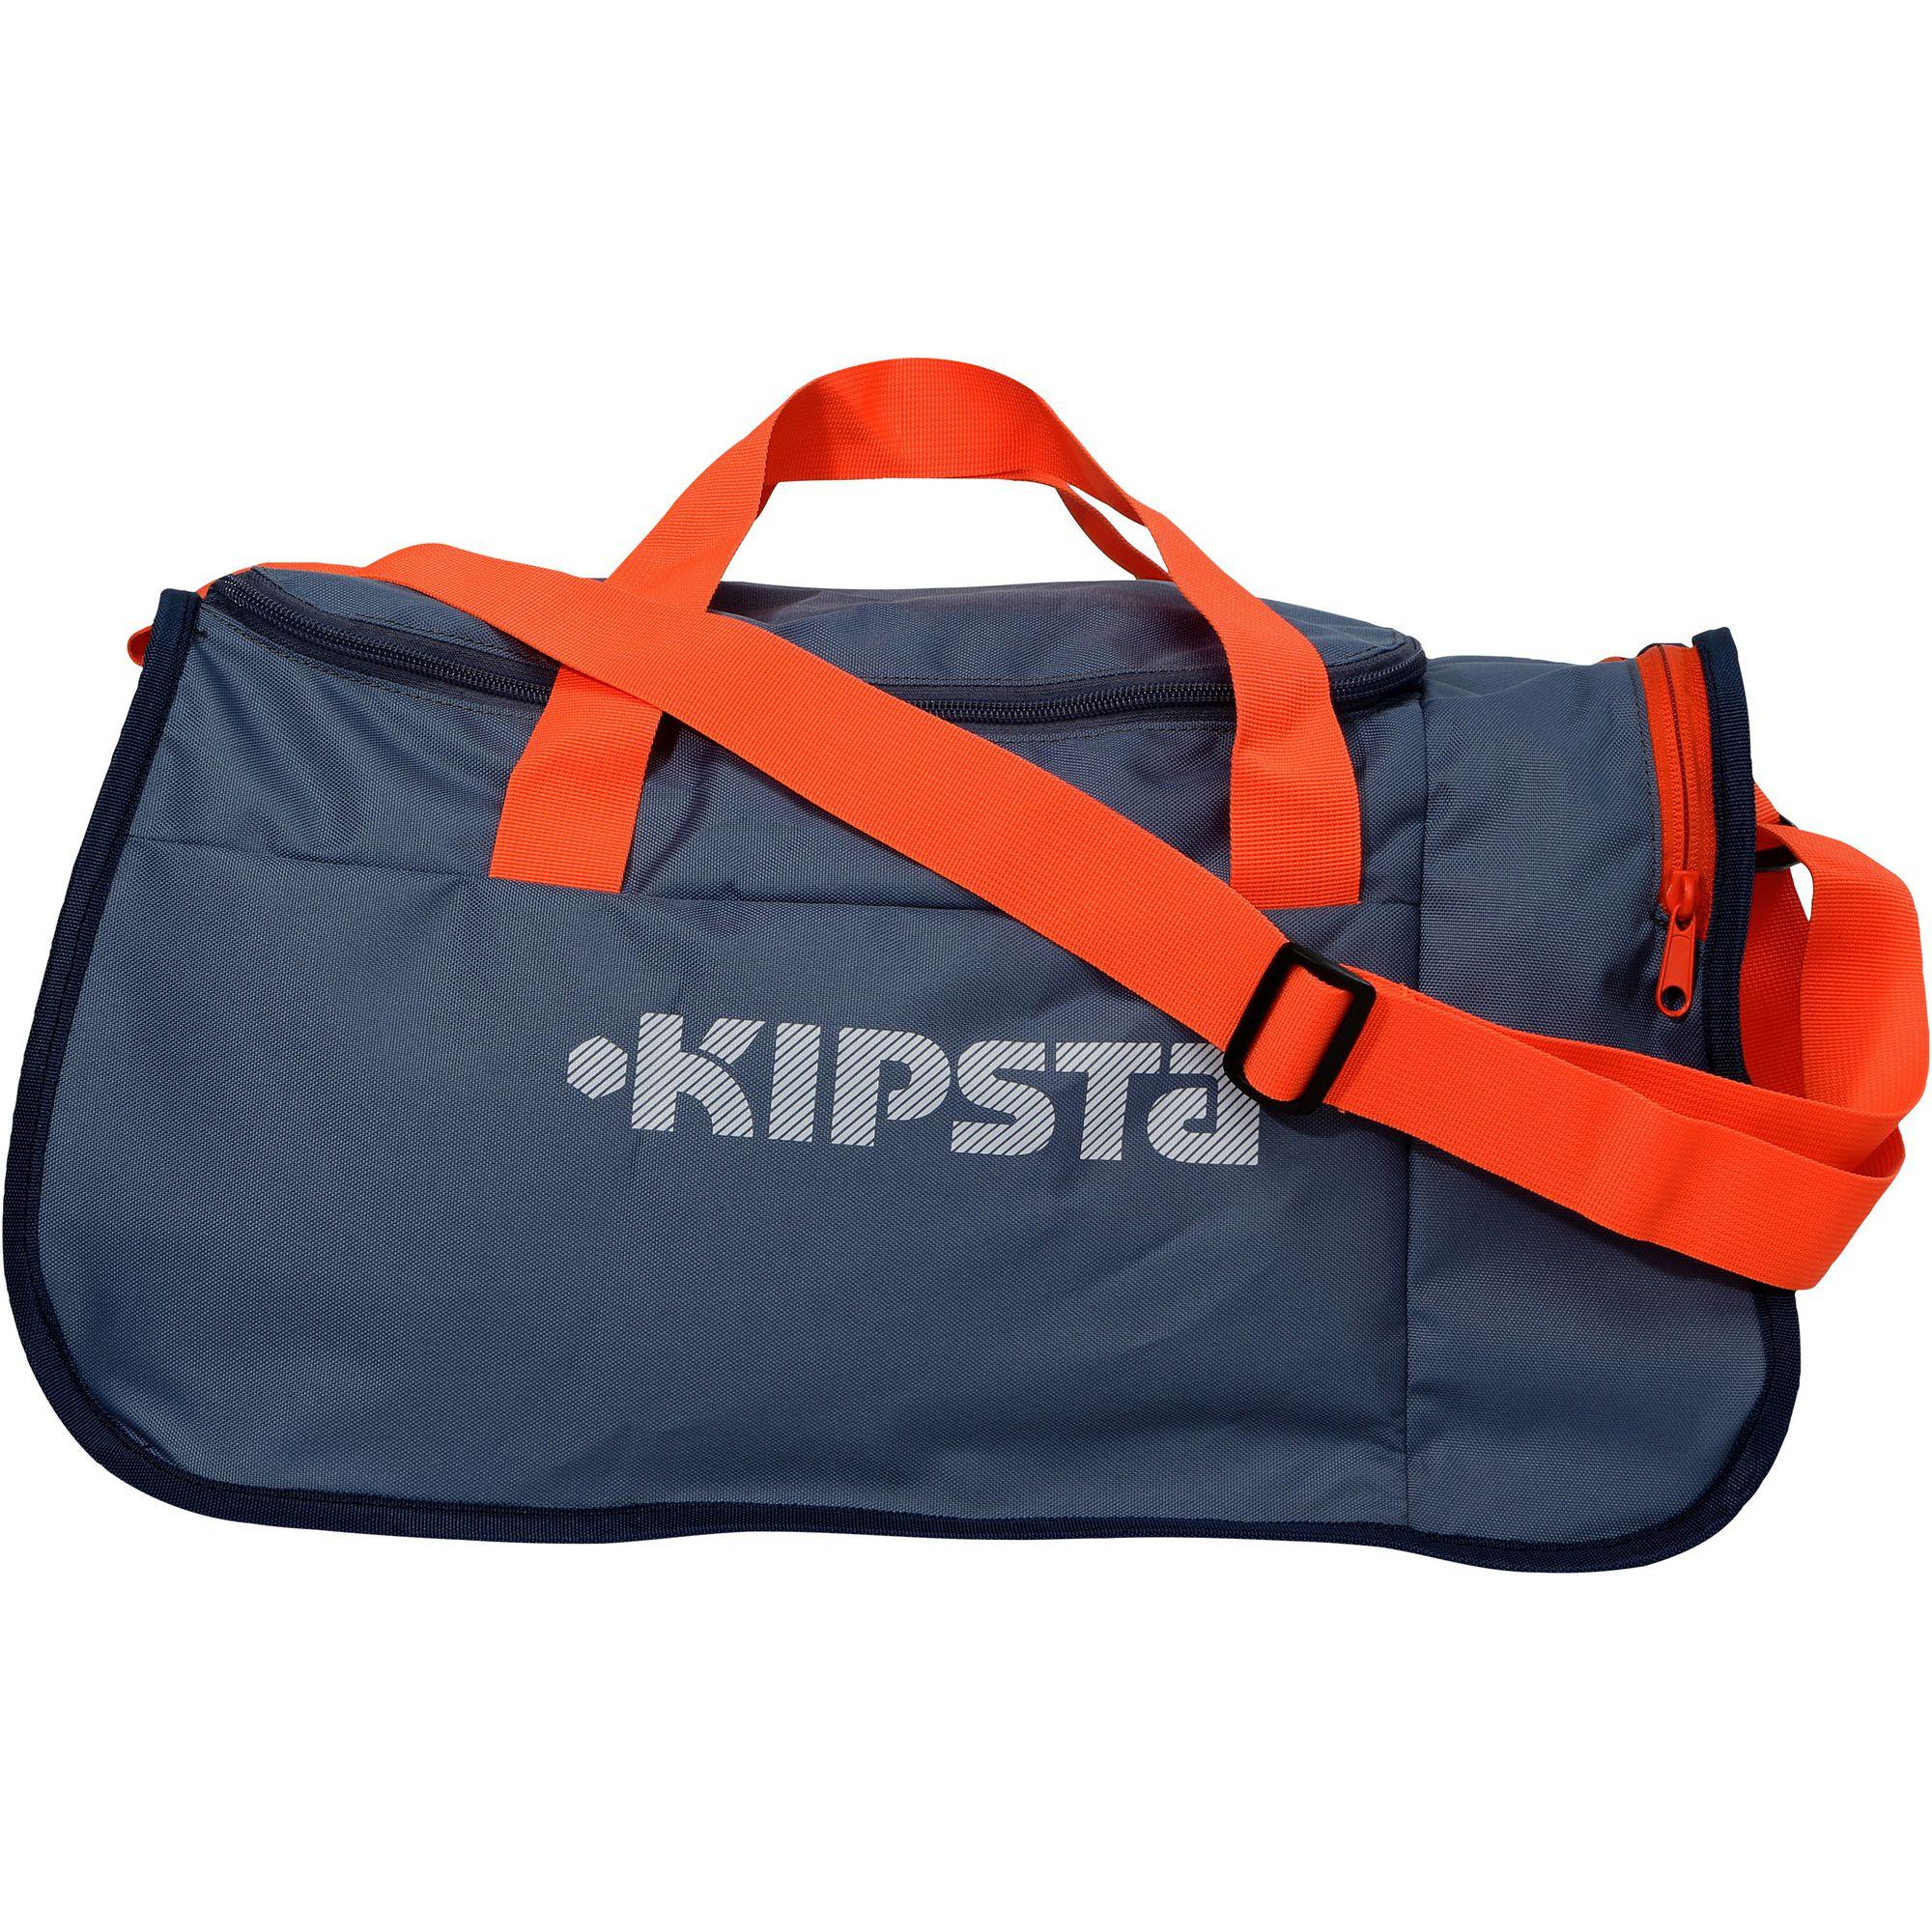 Sac de sports collectifs Kipocket 40 litres bleu gris